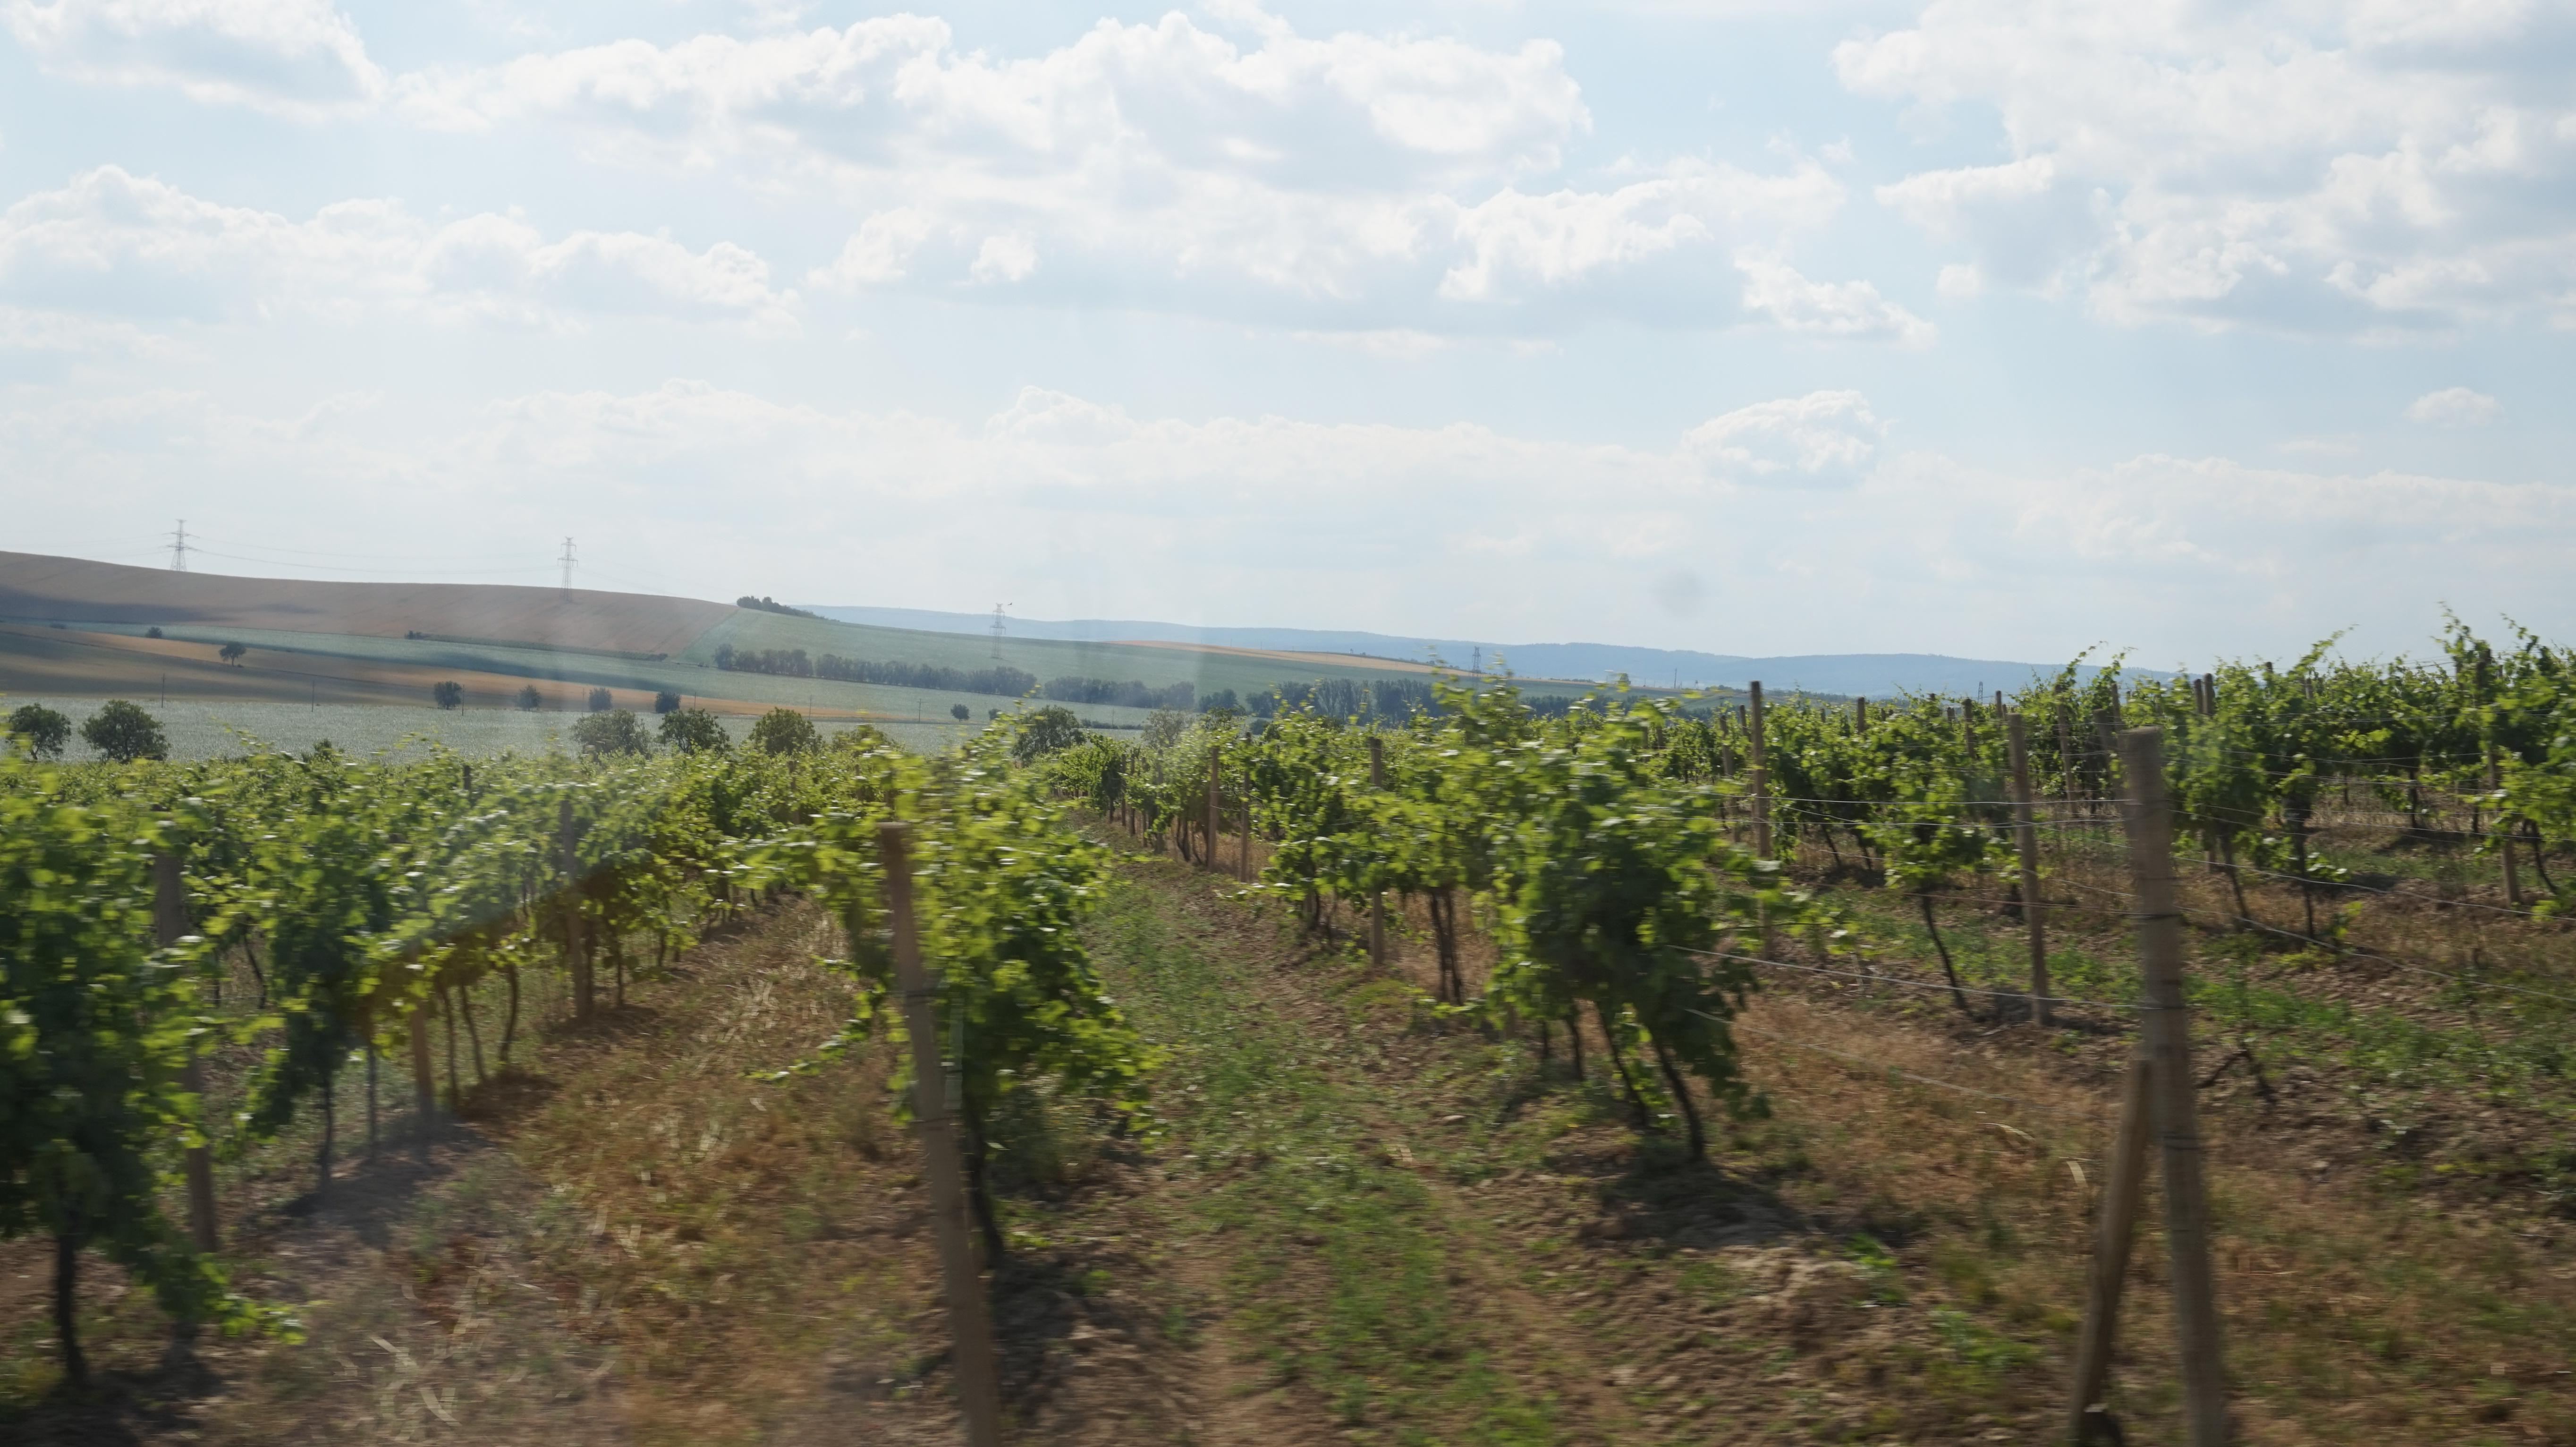 ワイナリーとワイナリーの間には広がるワイン畑。